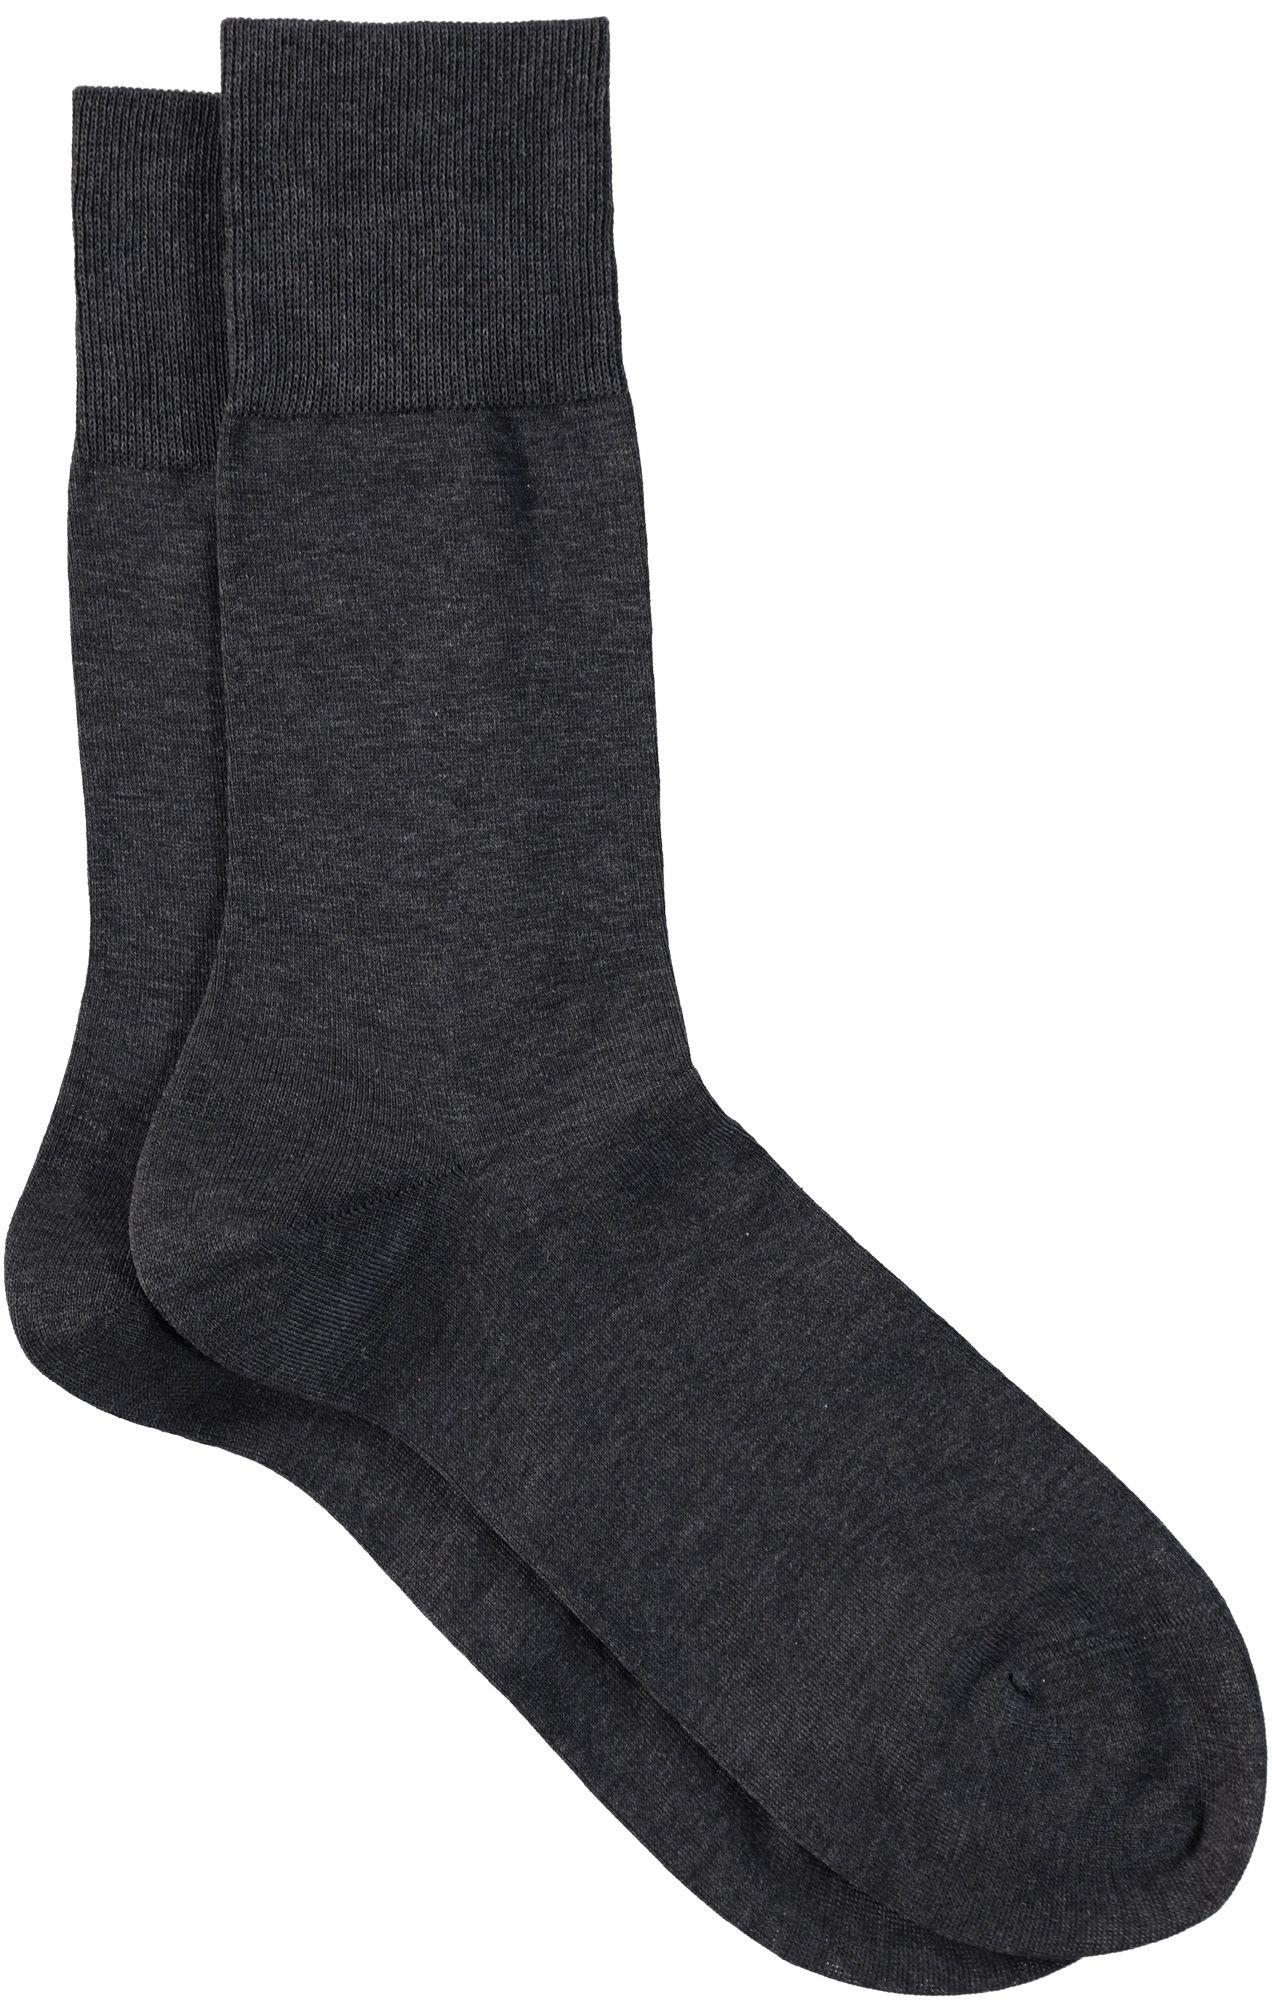 Falke heren sokken